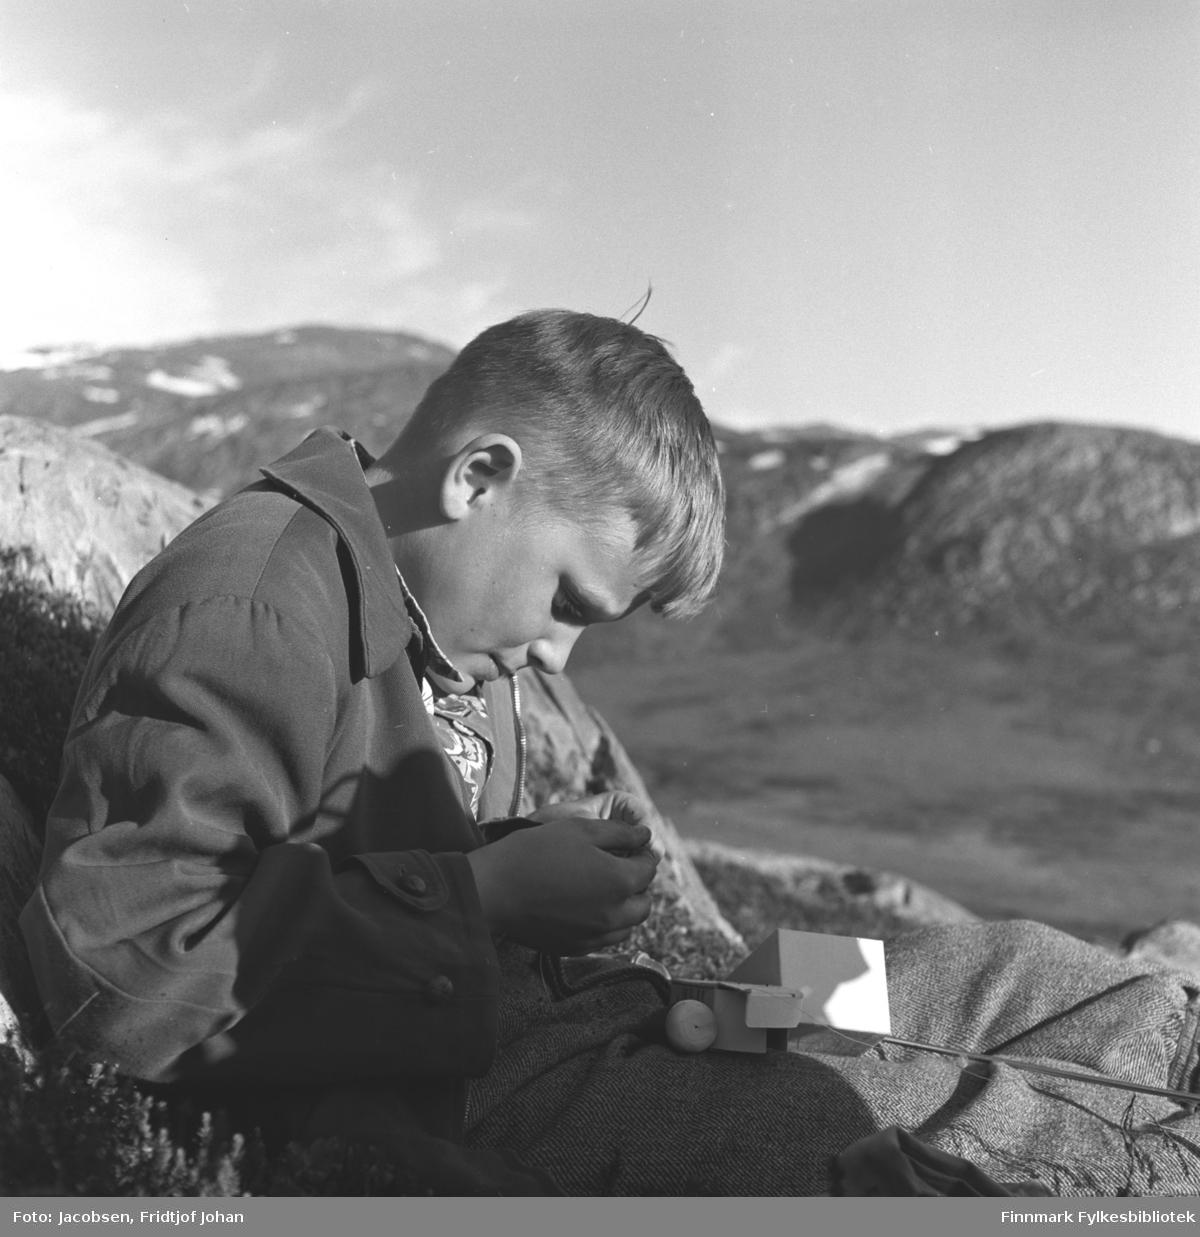 Arne Jacobsen sitter i terrenget og holder på med fiskestanga. Stedet er ukjent.